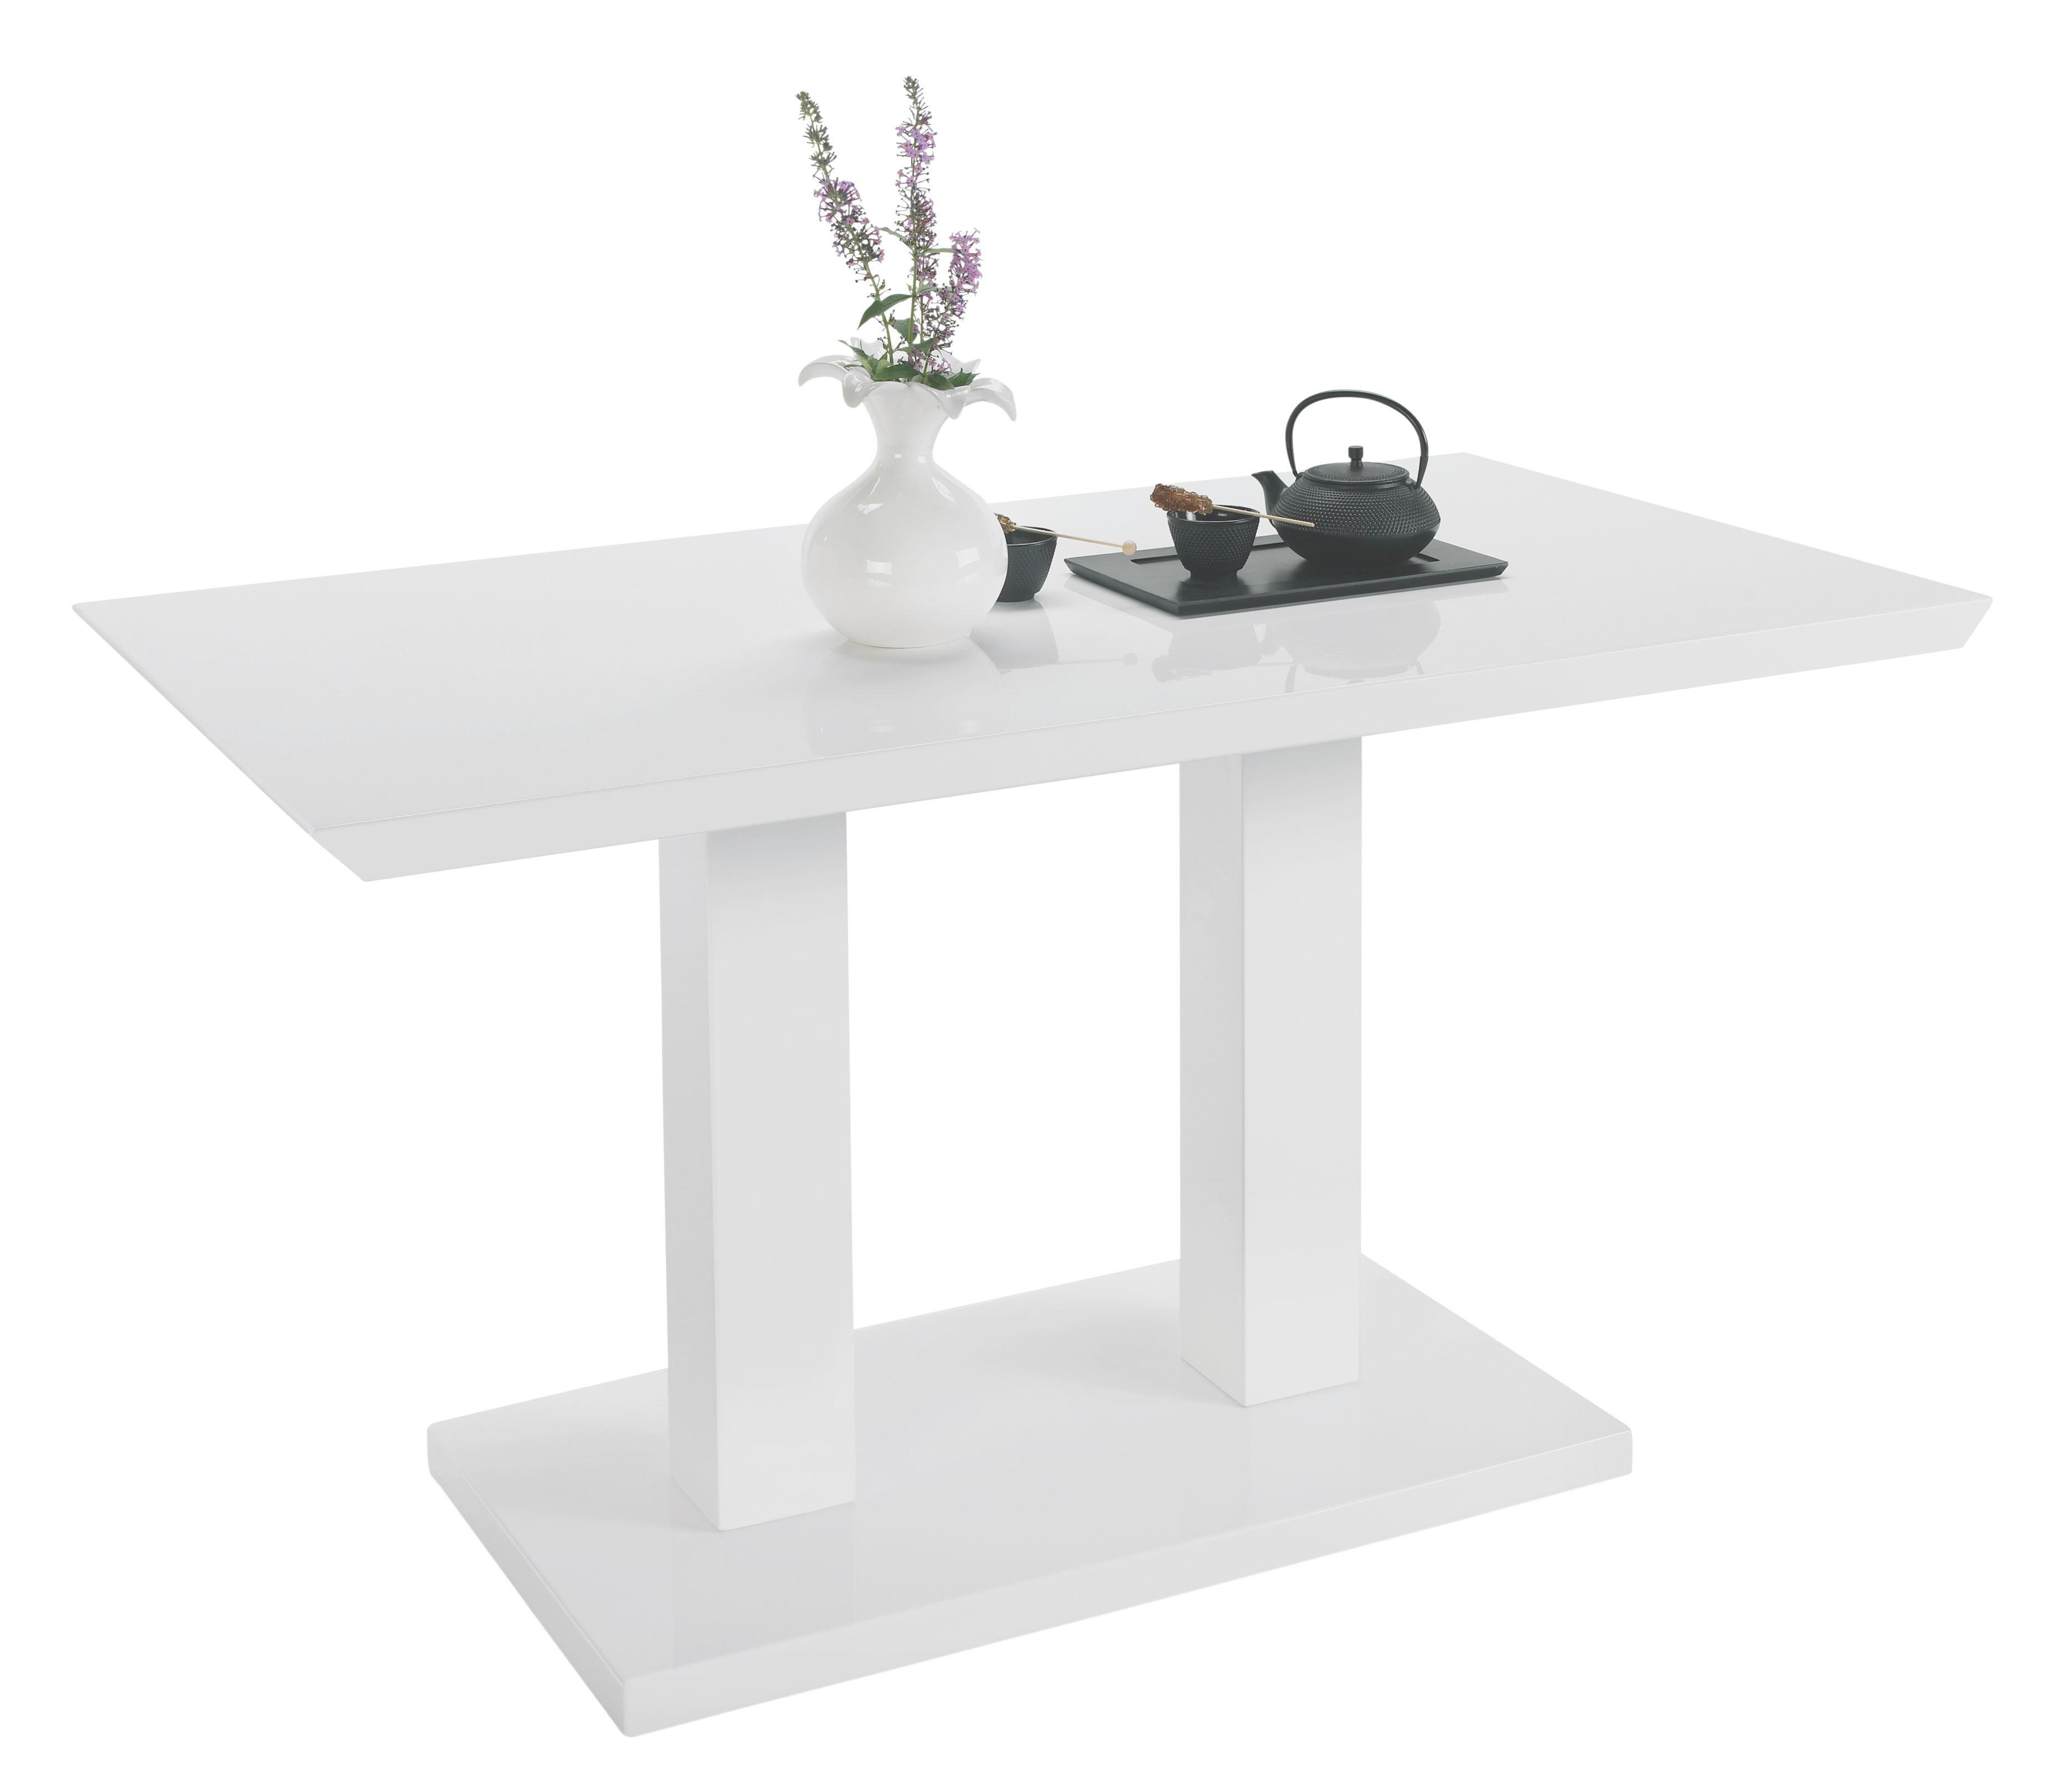 Einzigartig Esstisch 120x80 Ausziehbar Ideen Von Affordable In Wei Wei Design Cm With